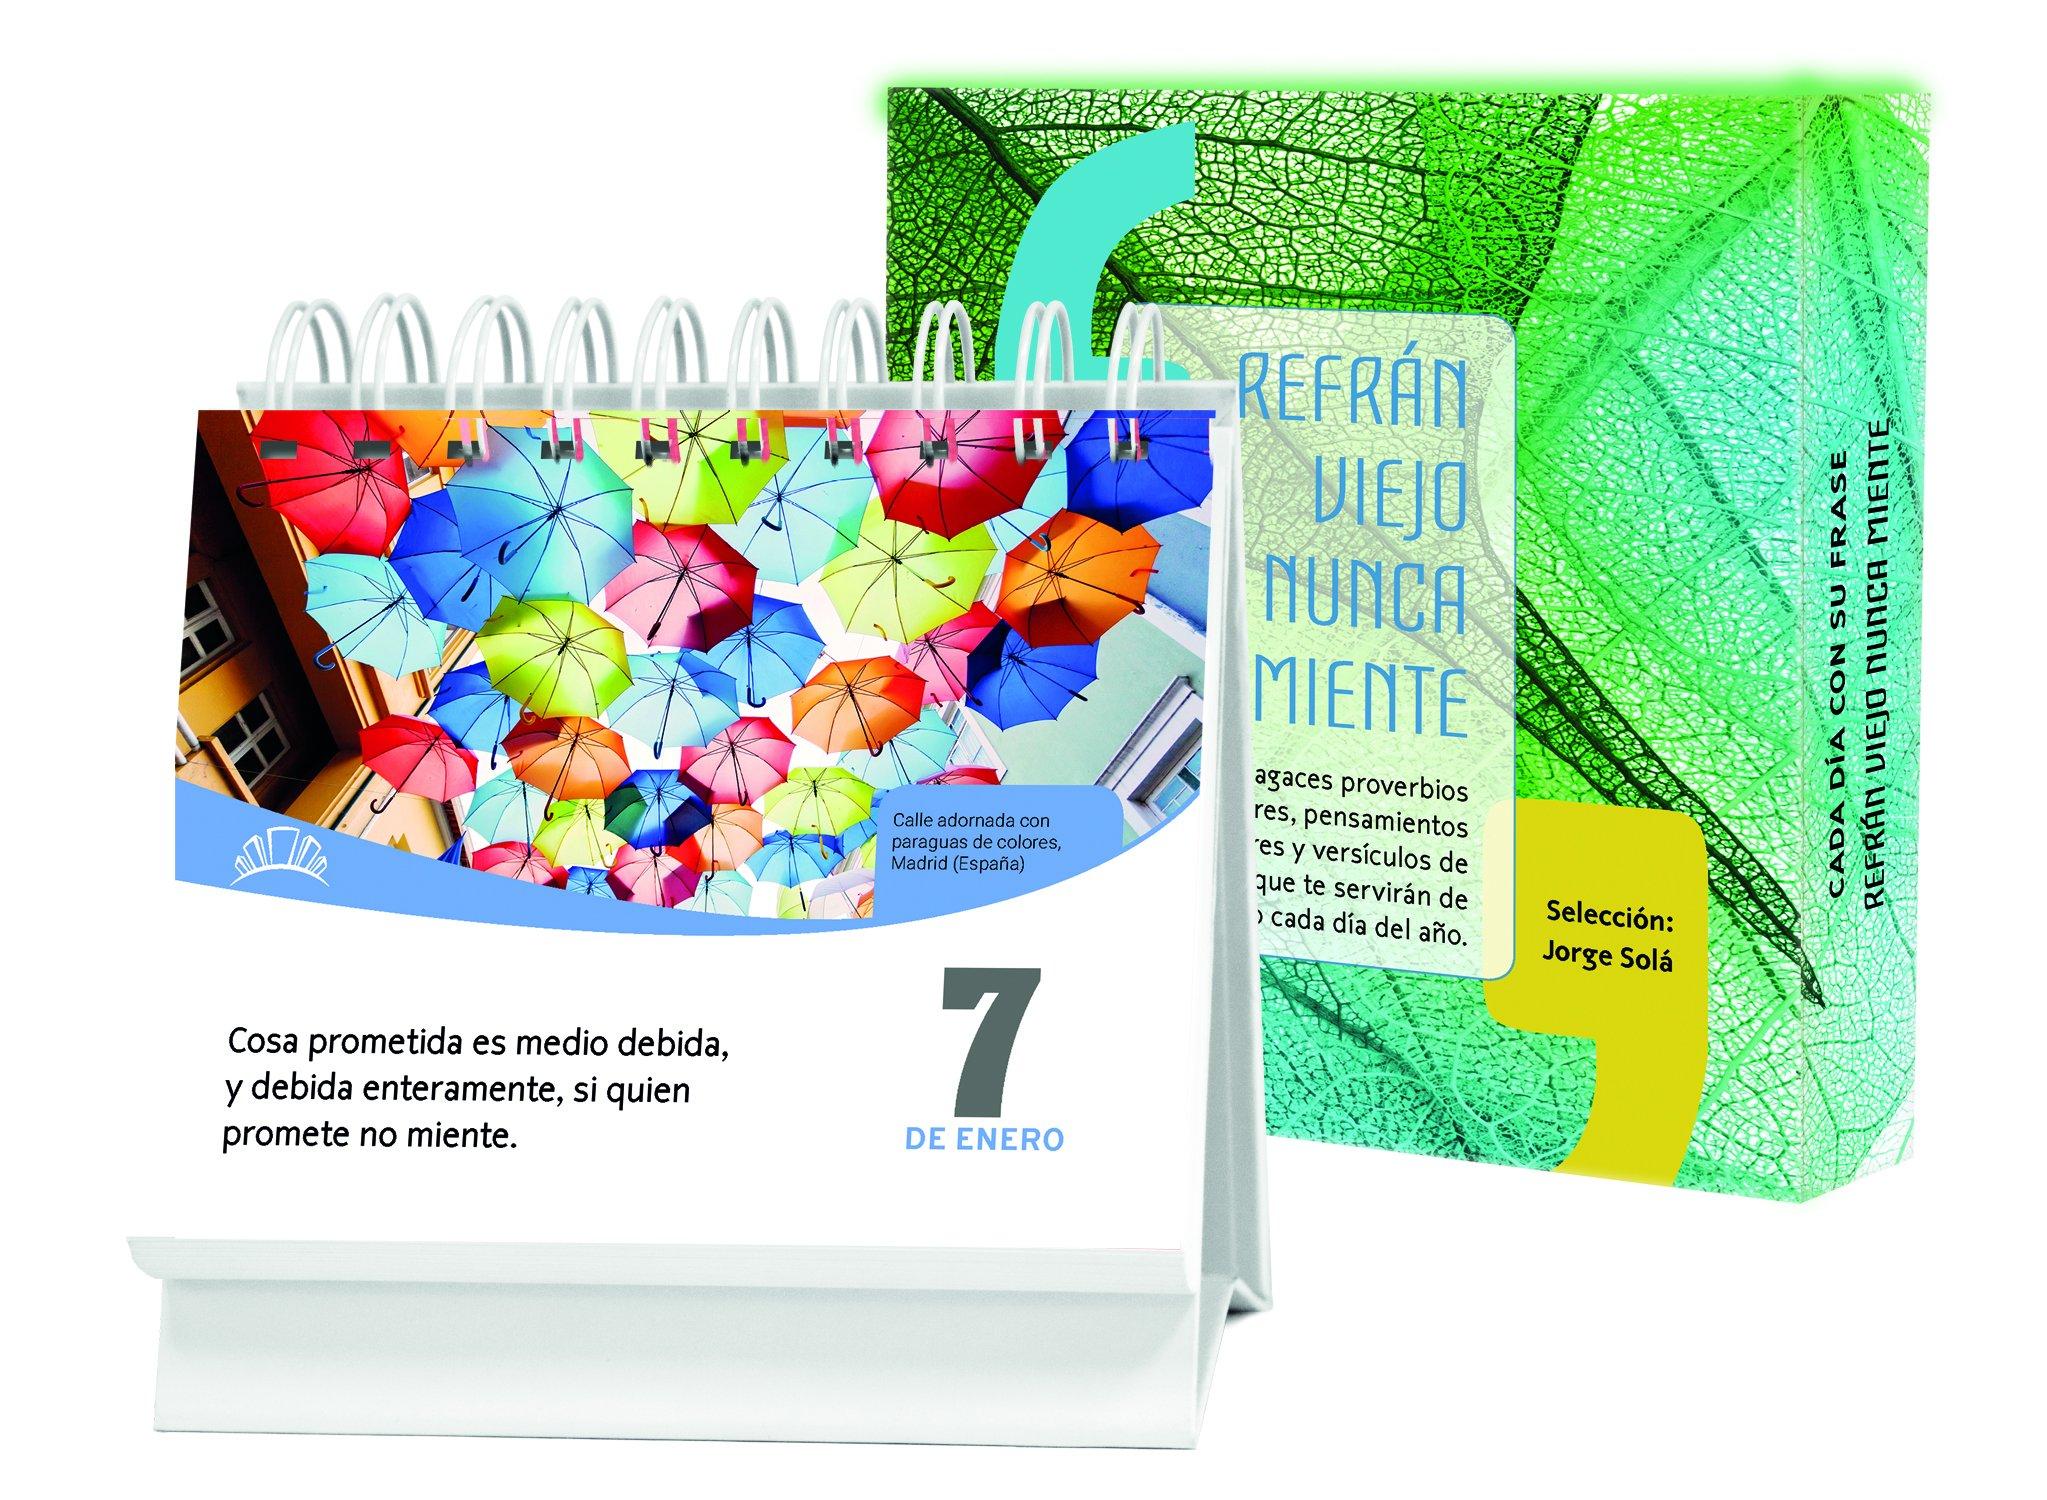 Amazon.com: Cada día con su frase―Refrán viejo nunca miente: Un diario Quotebook en práctico formato de escritorio (Spanish Edition) (9781632640055): Jorge ...